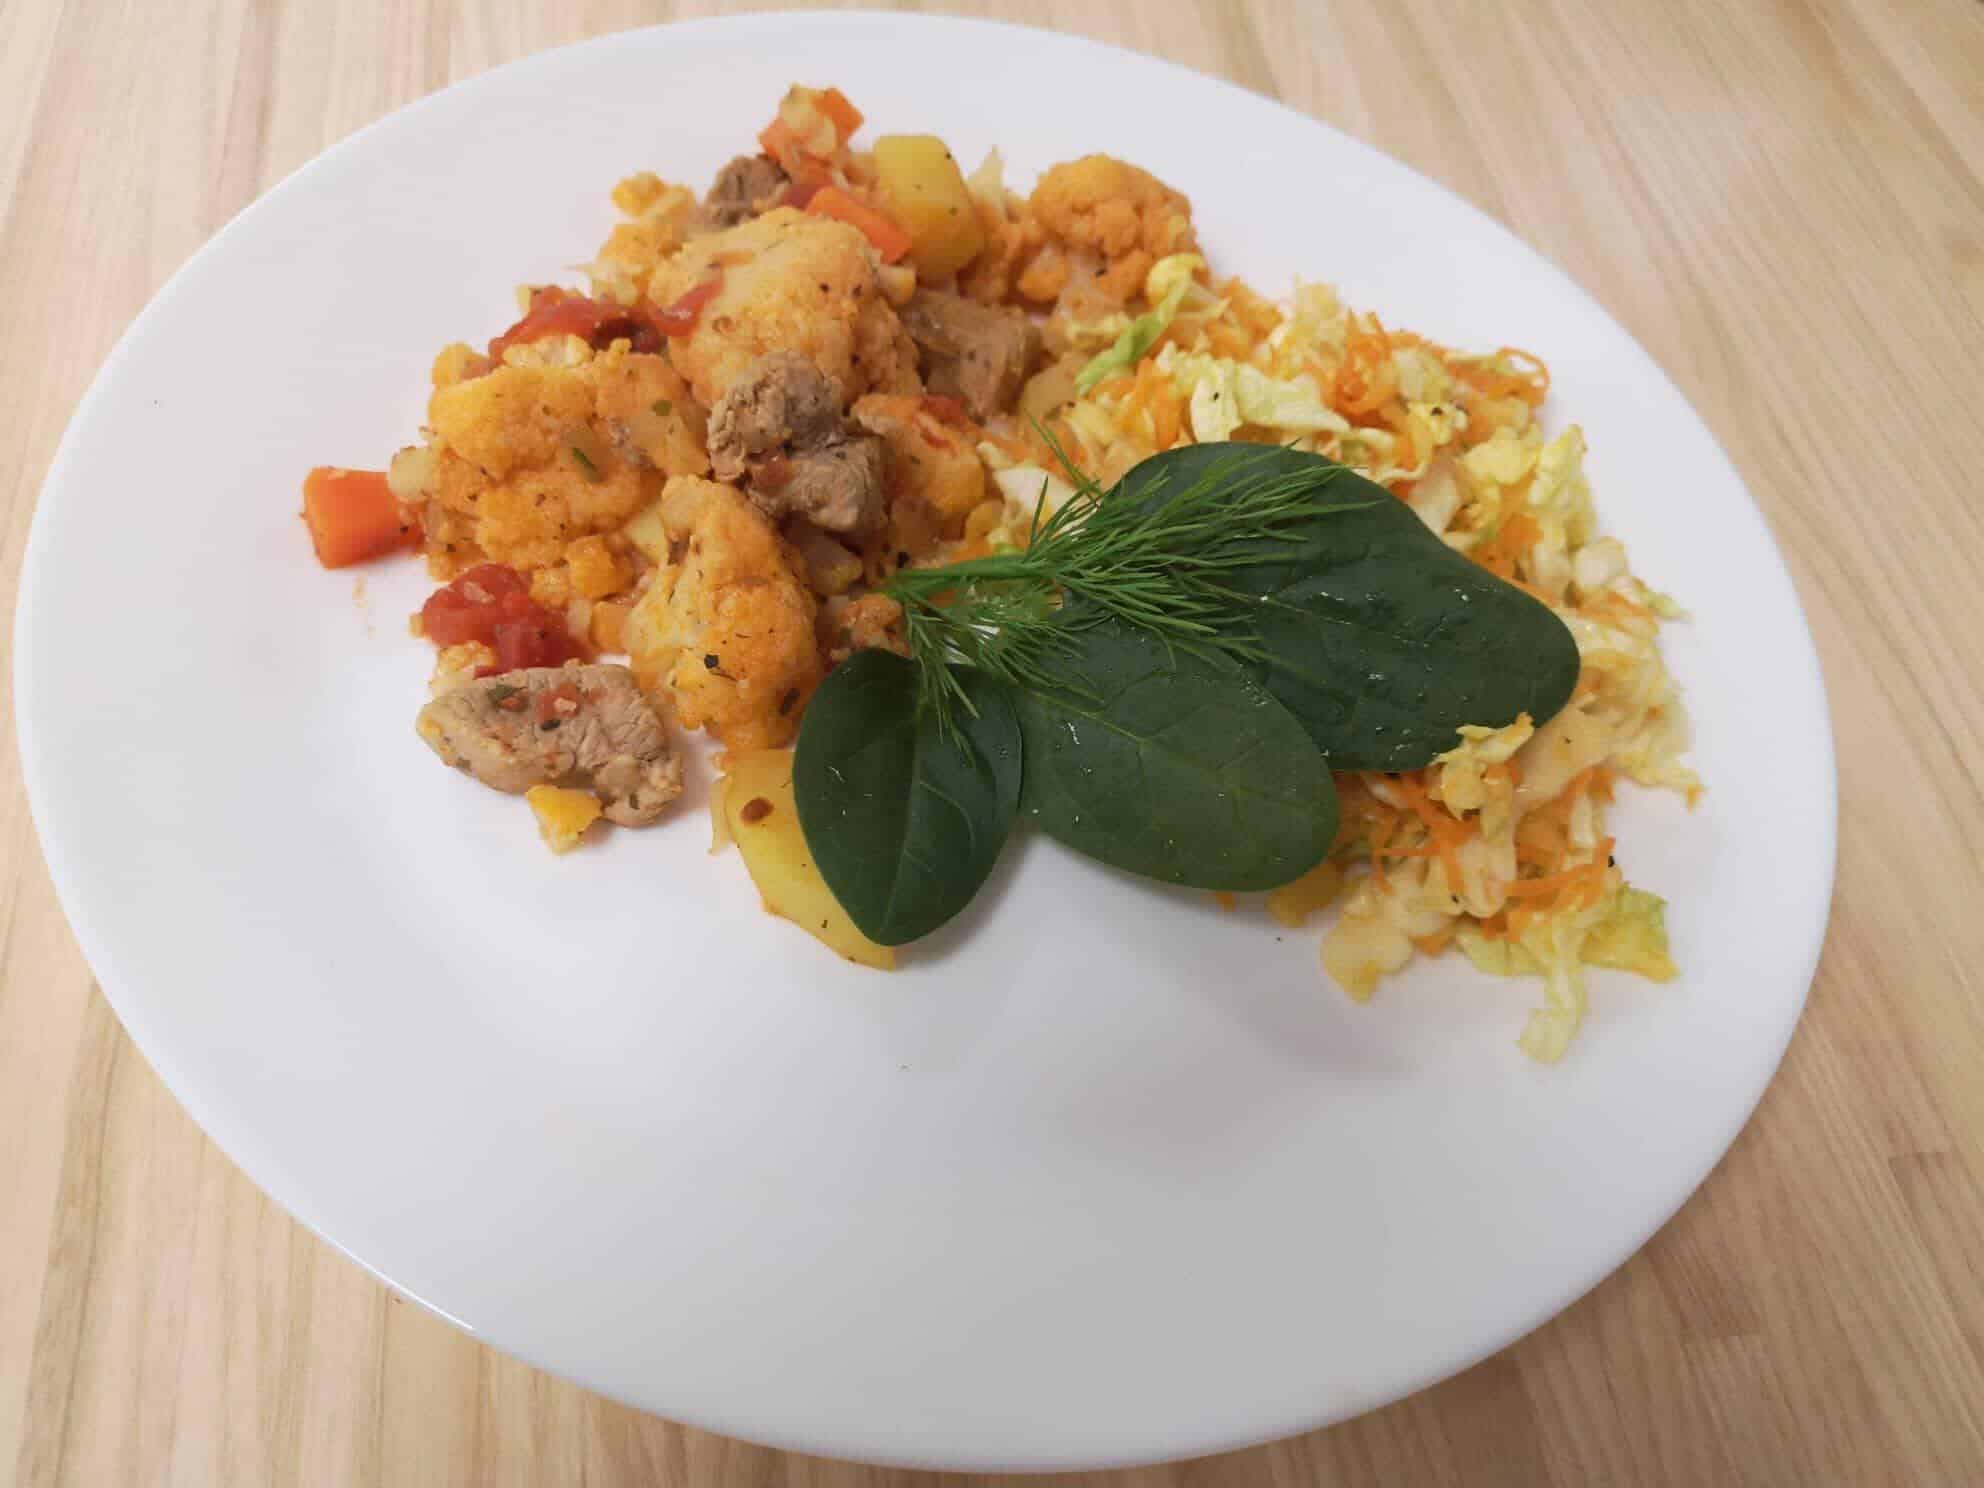 kiaulienos išpjovos ir daržovių troškinys sveiki pietūs vakarienė receptas